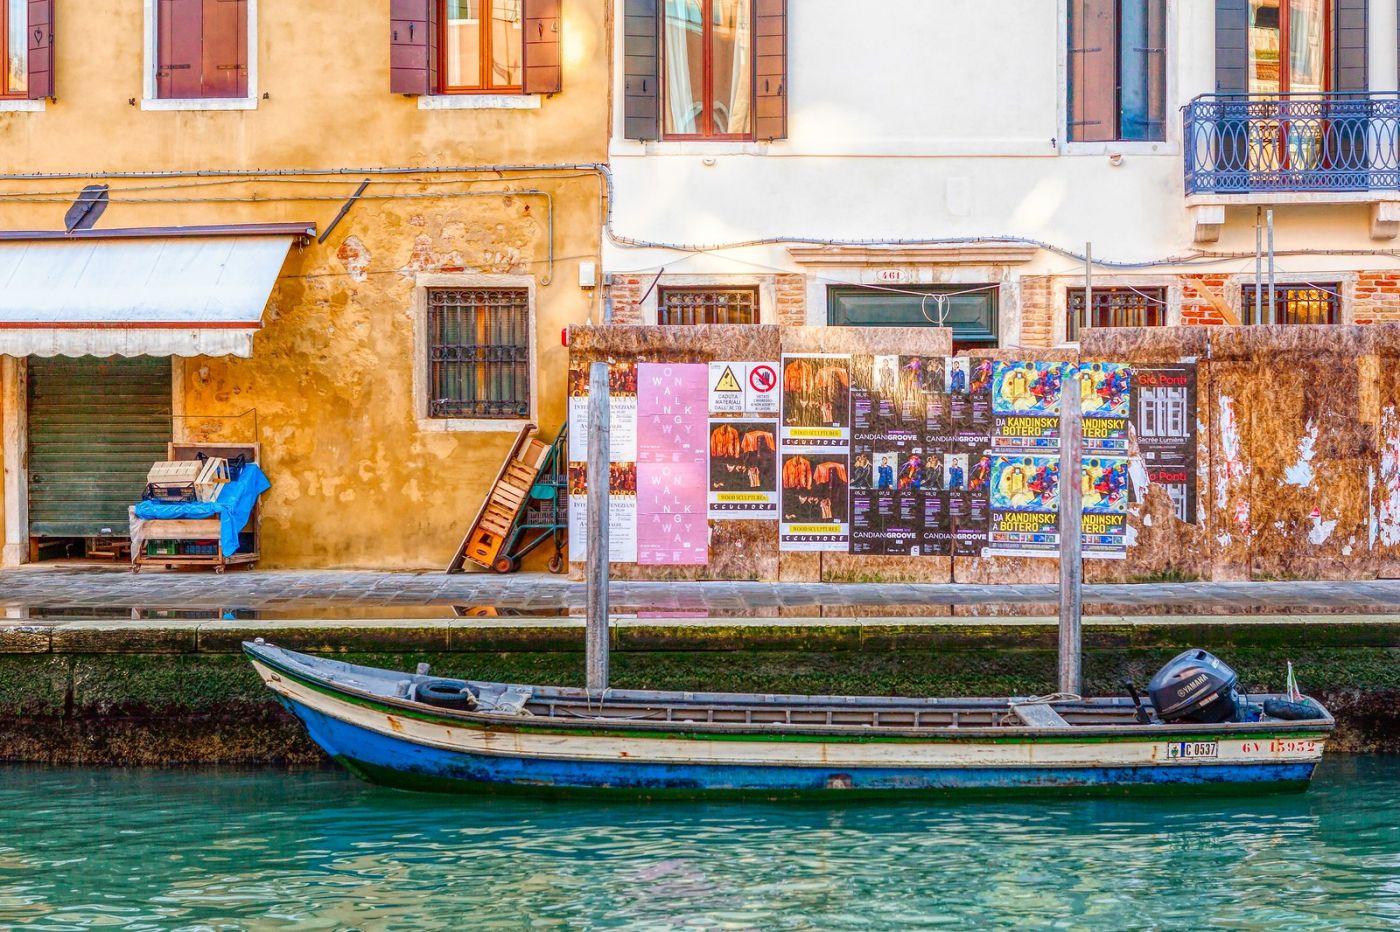 意大利威尼斯,水边建筑_图1-6